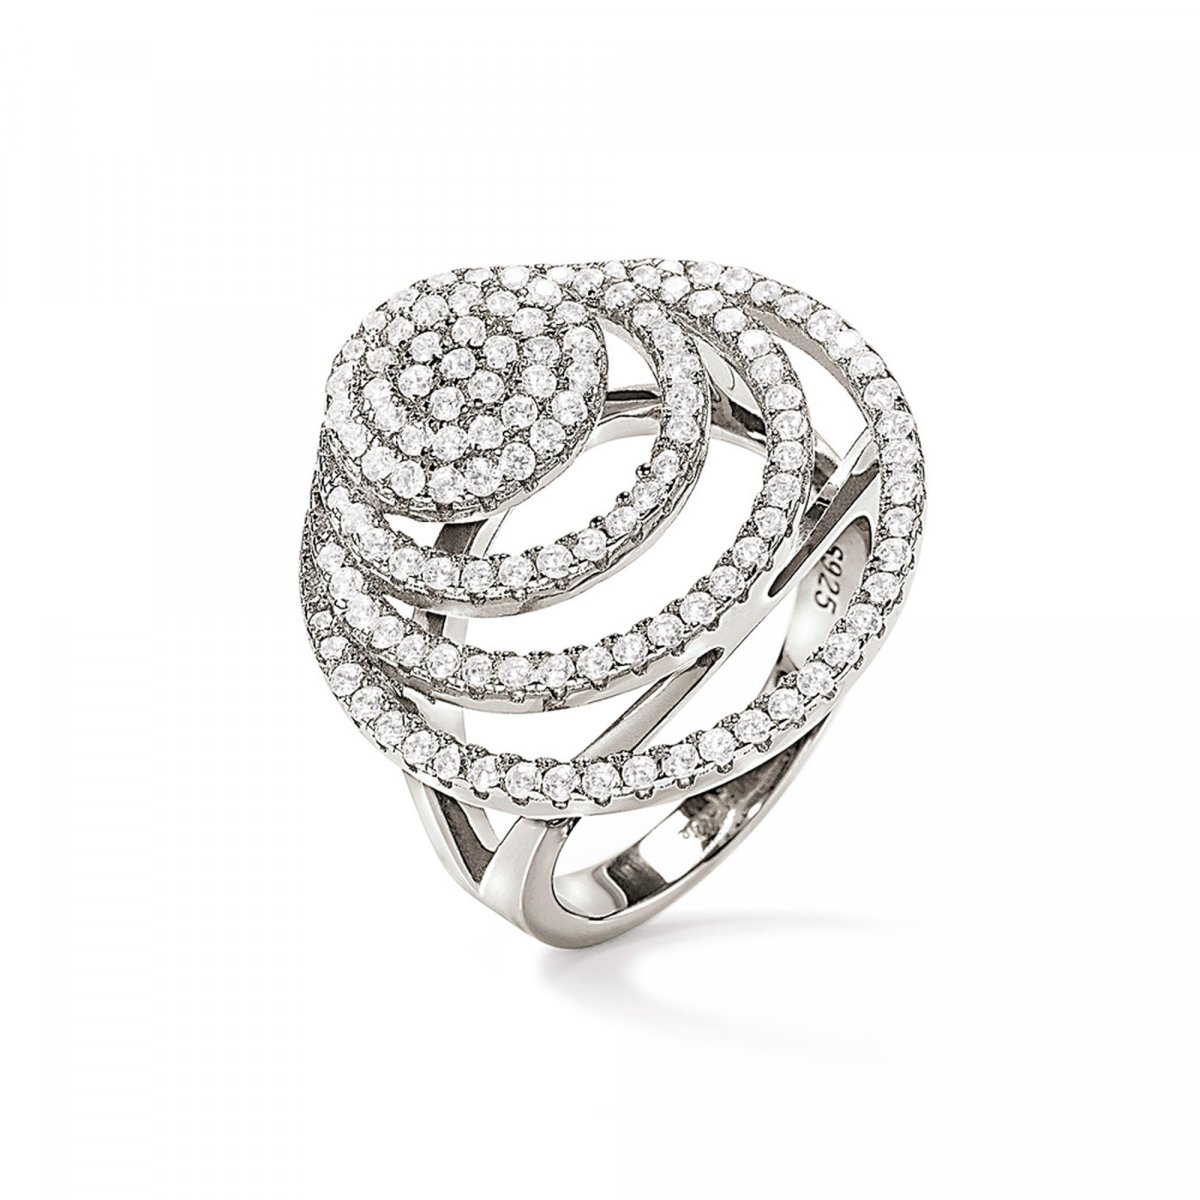 Strieborný prsteň FOLLI FOLLIE s troma kruhmi